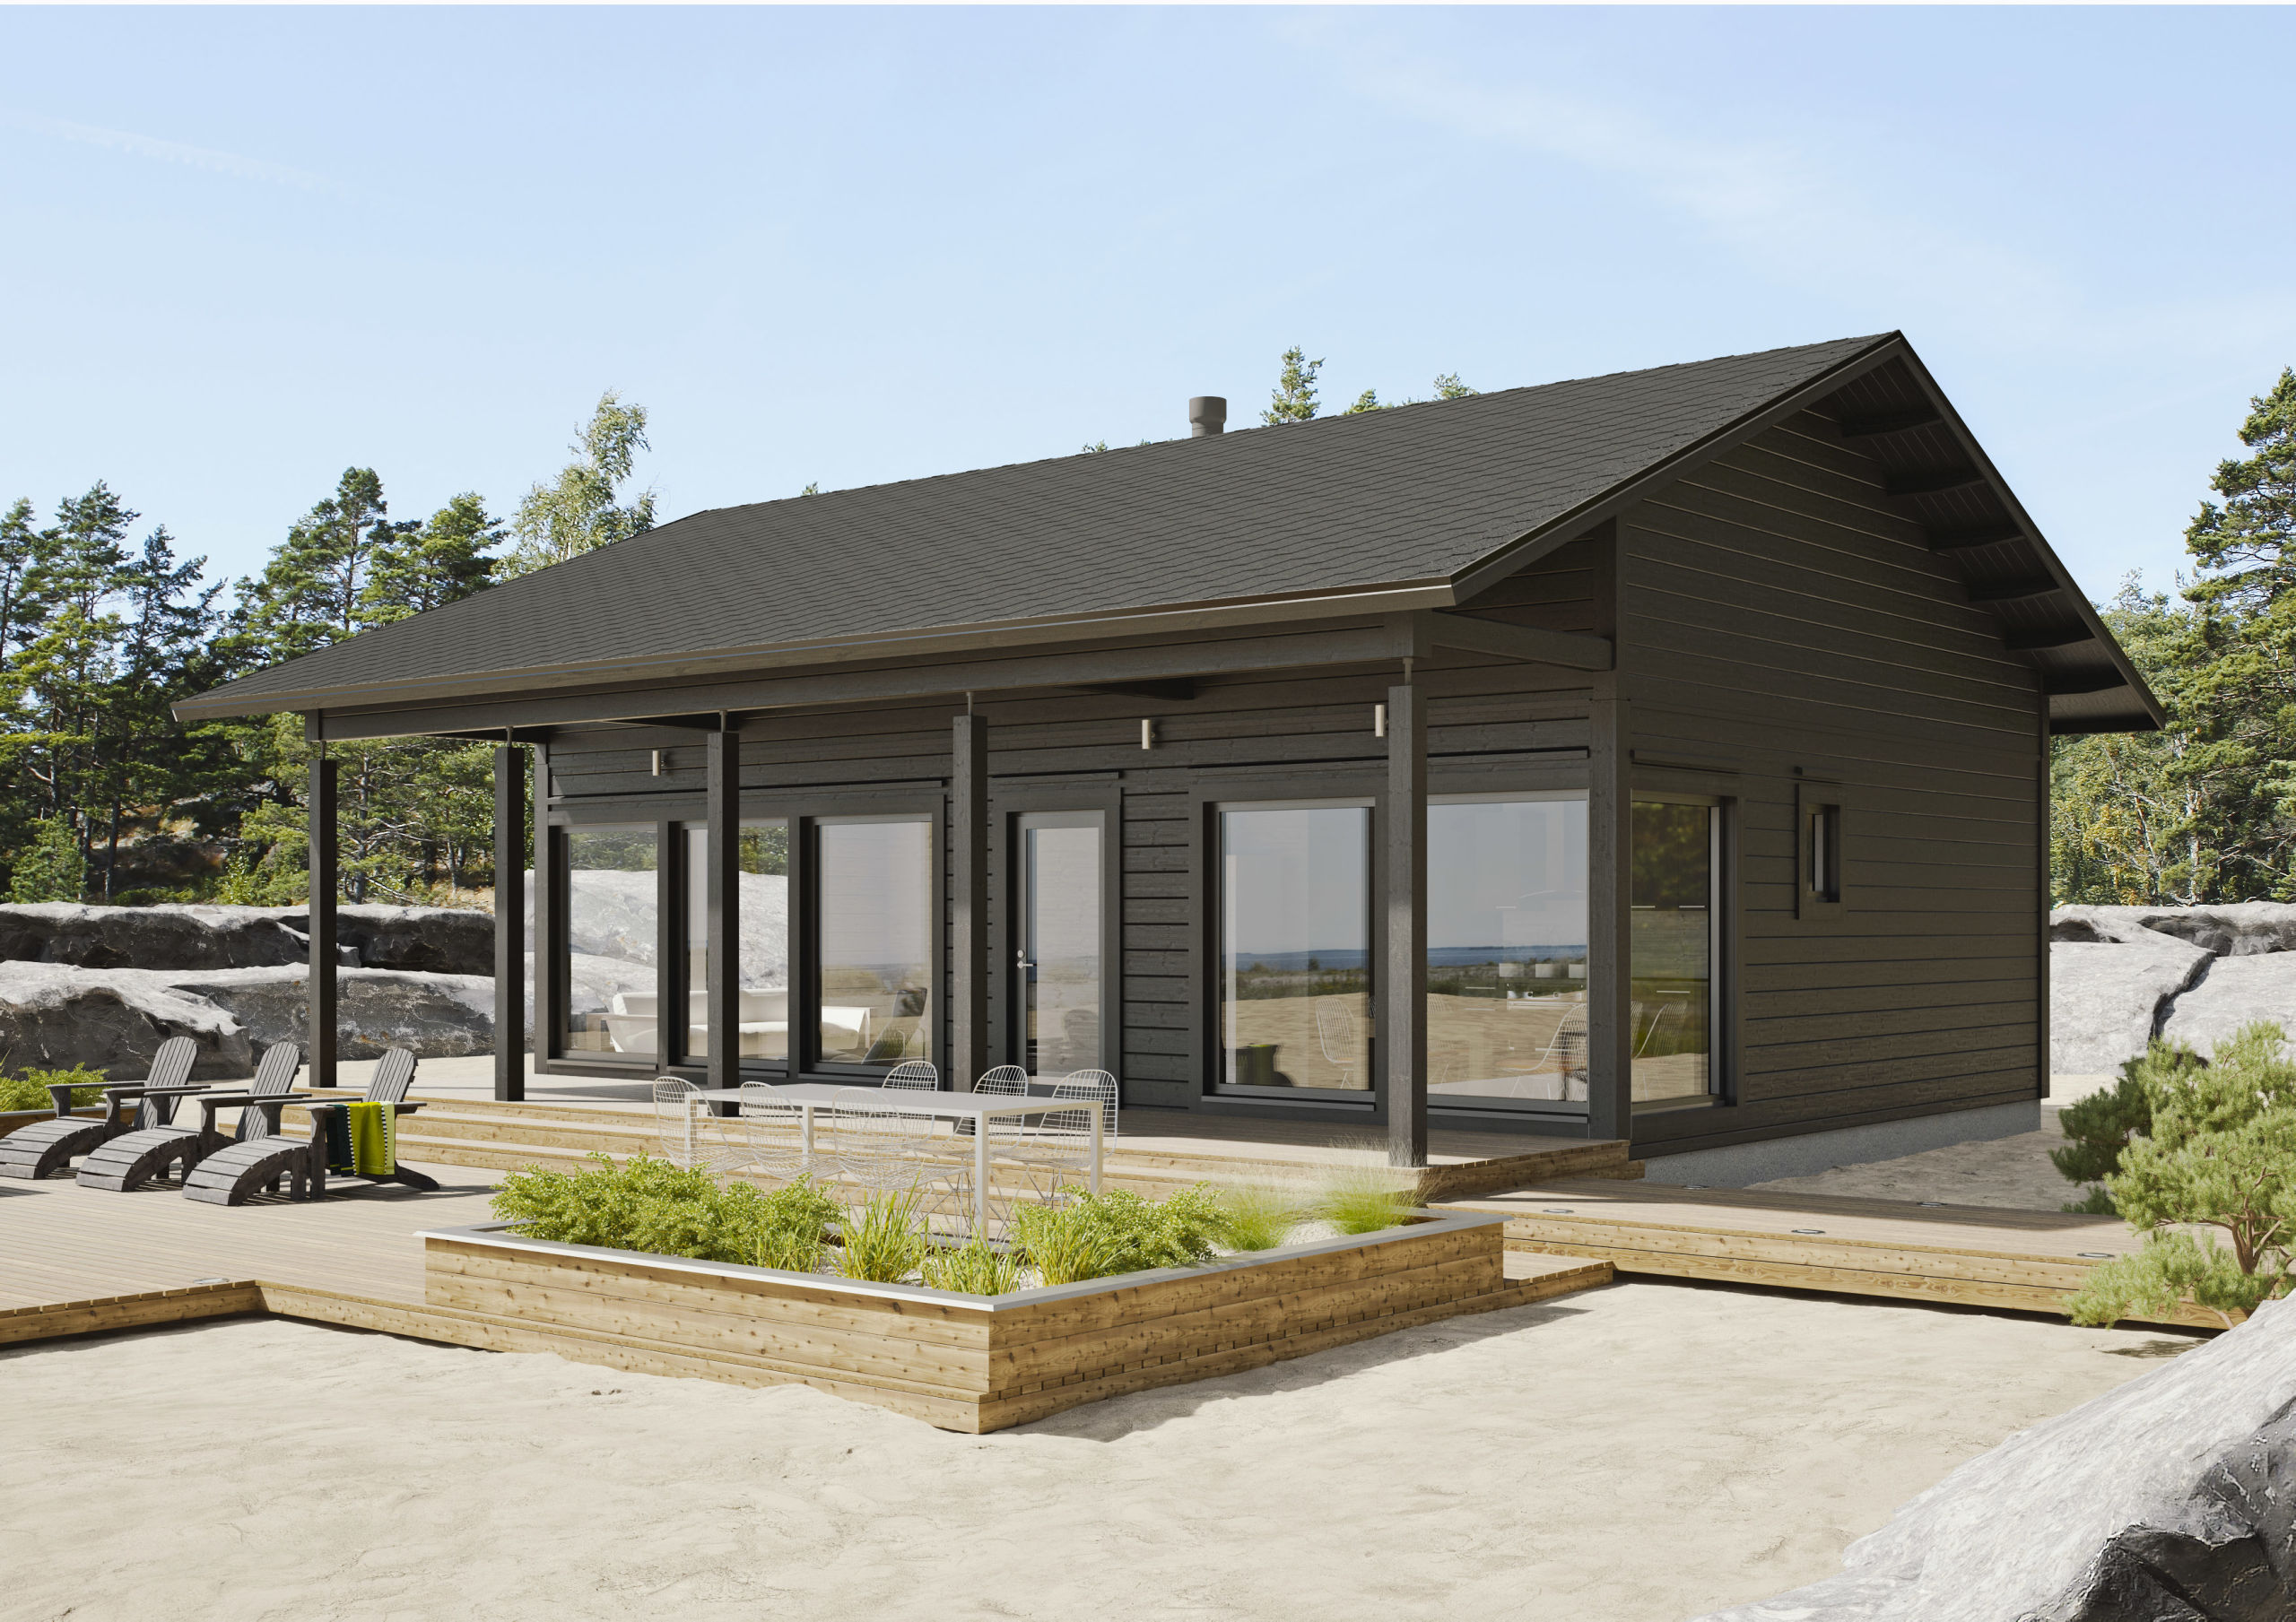 будем одноэтажный каркасный дом с террасой проекты фото приятно радоваться вместе